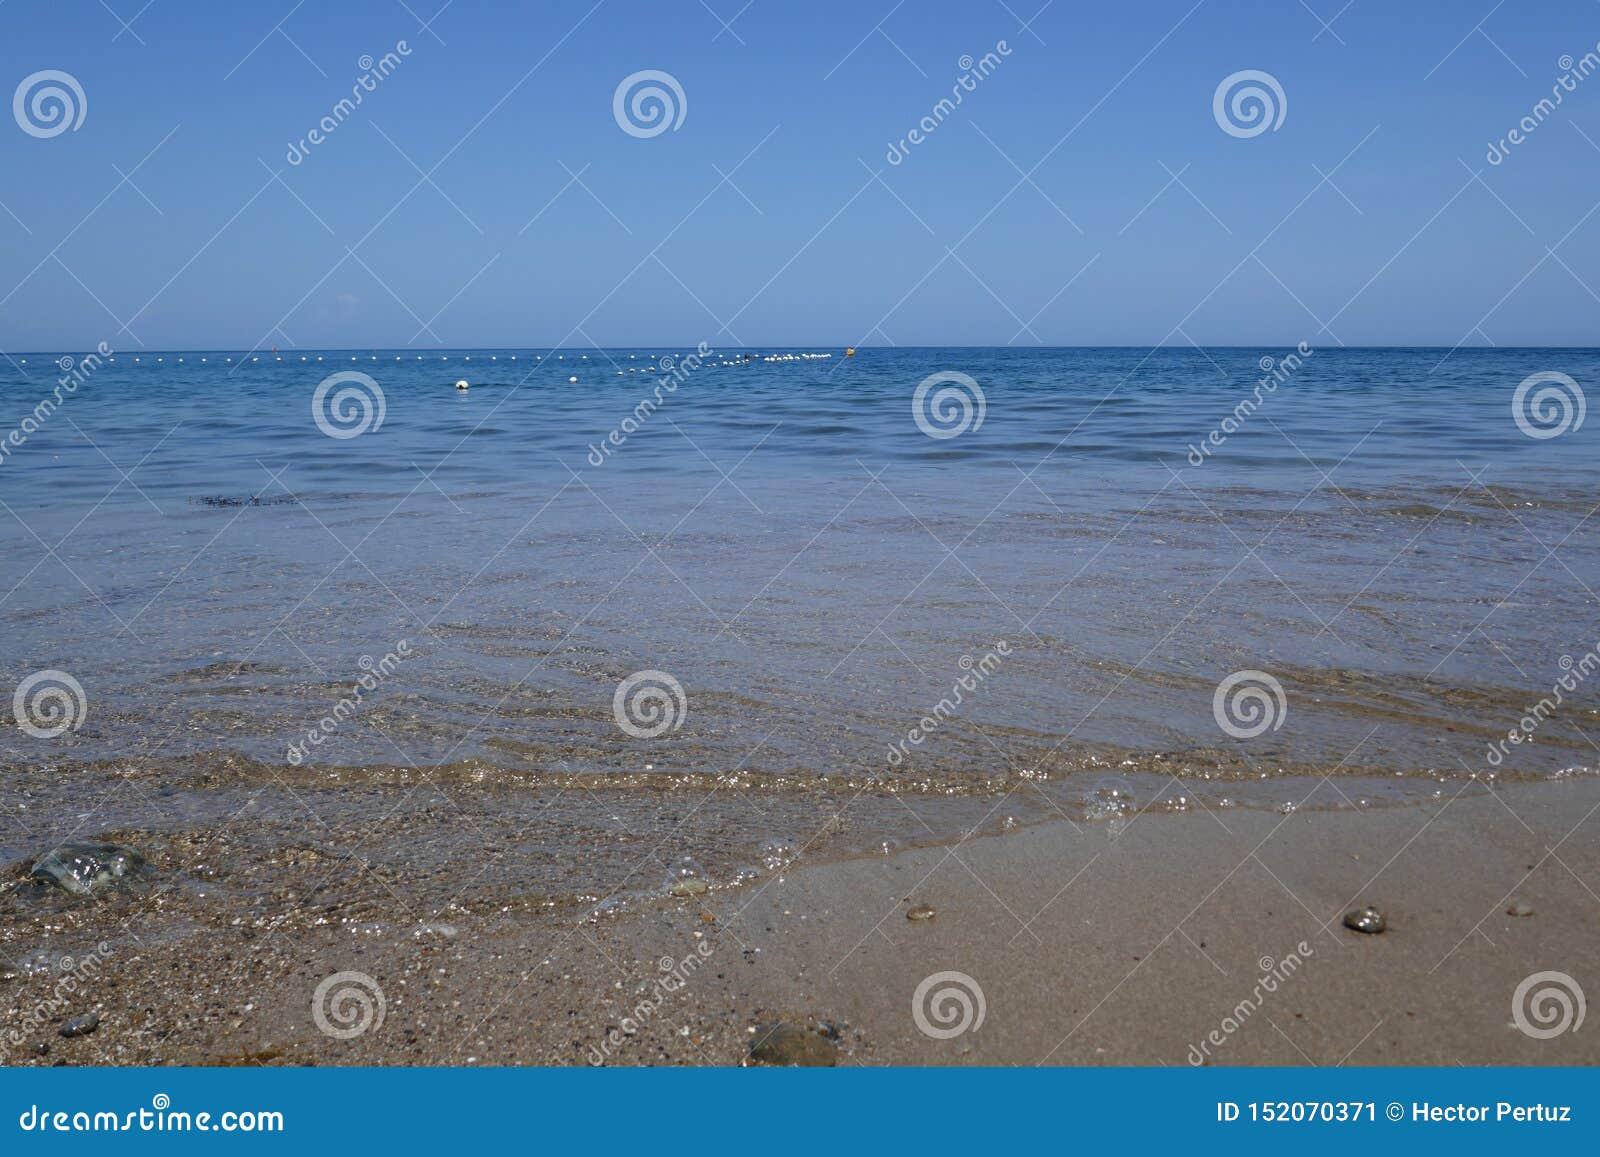 Spiaggia e mare tropicale